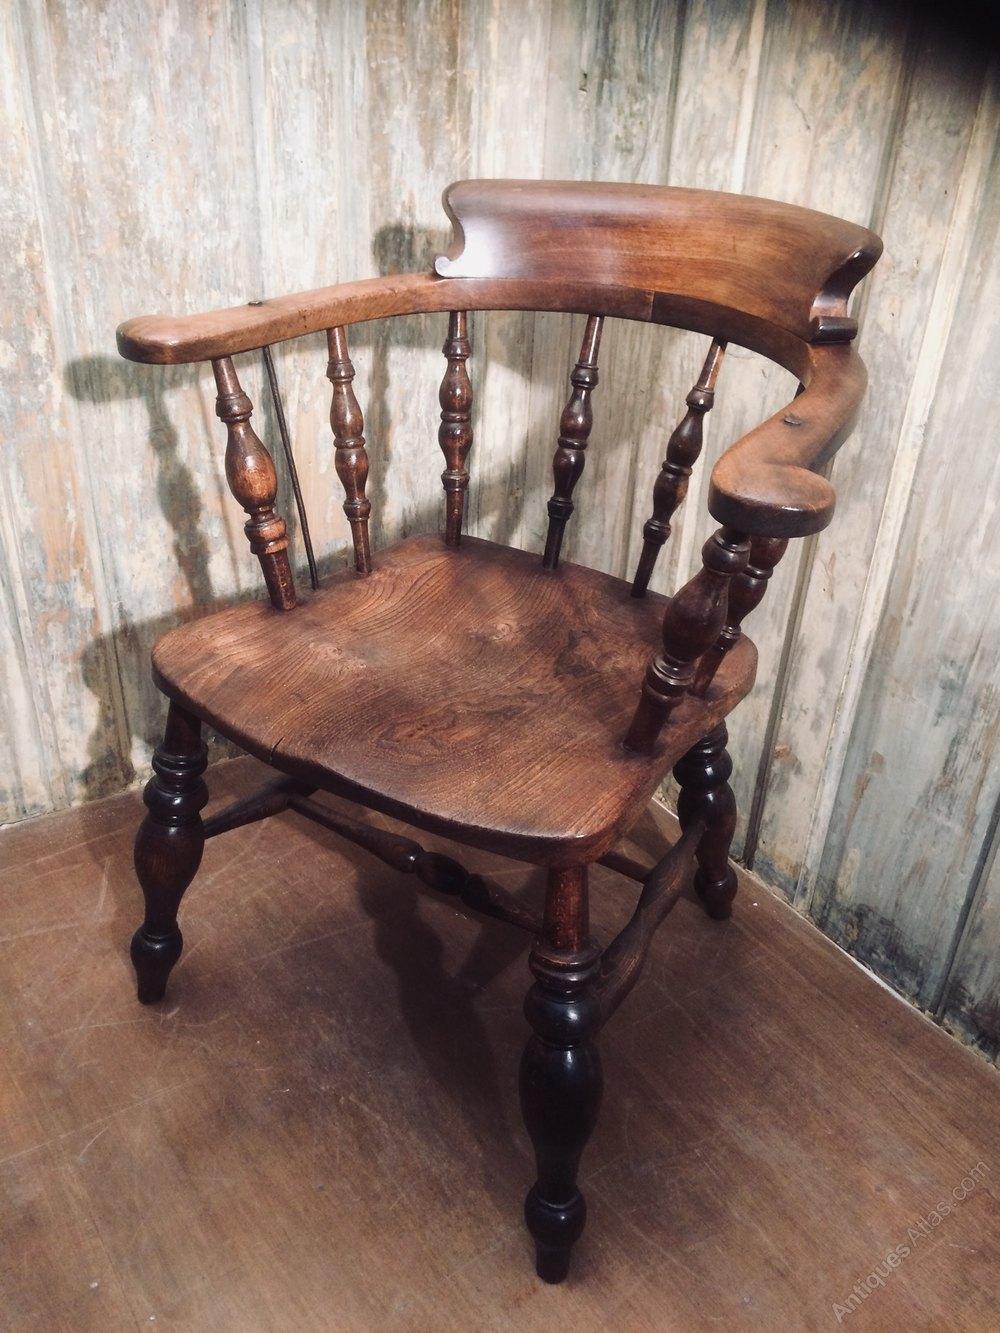 ... Antiques Captains chair Elm - 19th Century Antique Captains Chairs - Antiques Atlas